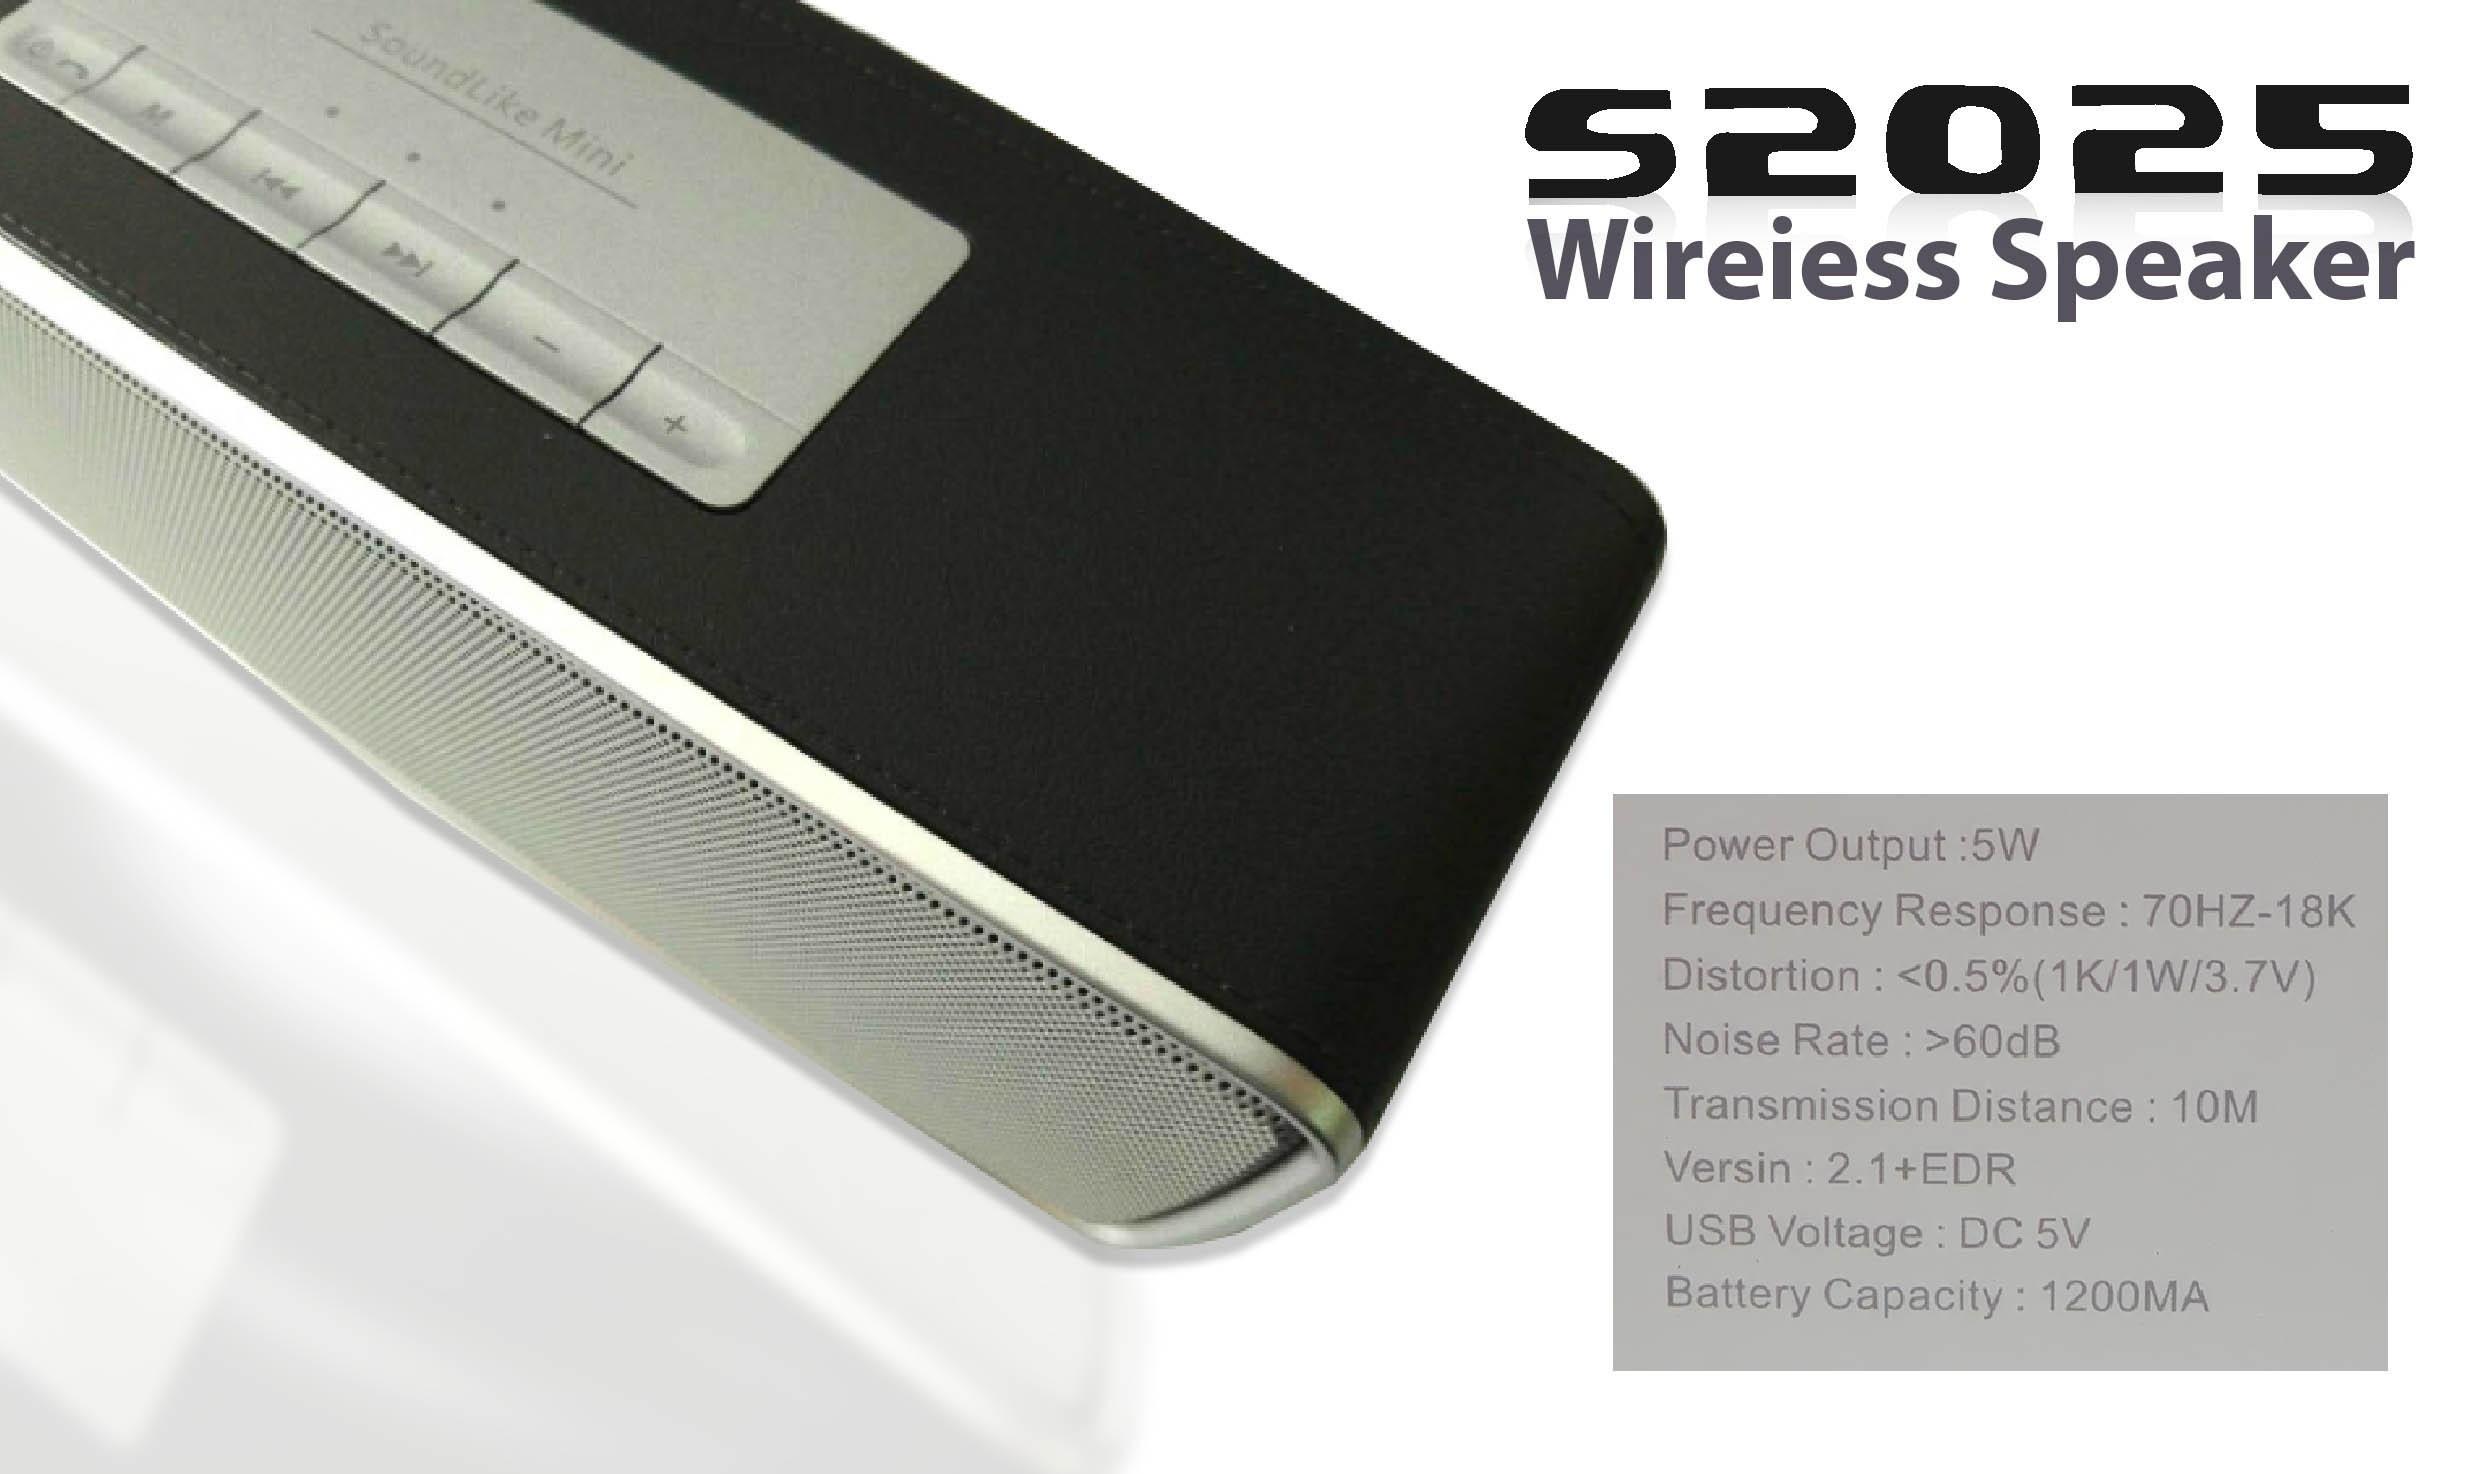 ลำโพง S2025 เป็น Bluetooth Speaker ที่มีดีไซน์หรูหรา พร้อมกับคุณภาพเสียงที่ดีในราคาเบา ๆ ตัวเครื่อวหุ้มด้วยหนัง มีให้เลือกหลายสี รับรองได้ว่าเห็นแล้วประทับใจ และมีรูปร่างที่โค้งมน ให้เสียงที่ละเอียดจับใจ ใครฟังแล้วต้องหลงในมนต์เสนห์ของเสียงคมชัด S2025 ถูกพัฒนาต่อยอดมาจาก รุ่น S815 อันโด่งดัง แต่ด้วยขนาดที่ใหญ่กว่าและให้เสียงเบสที่หนักแน่นกว่า